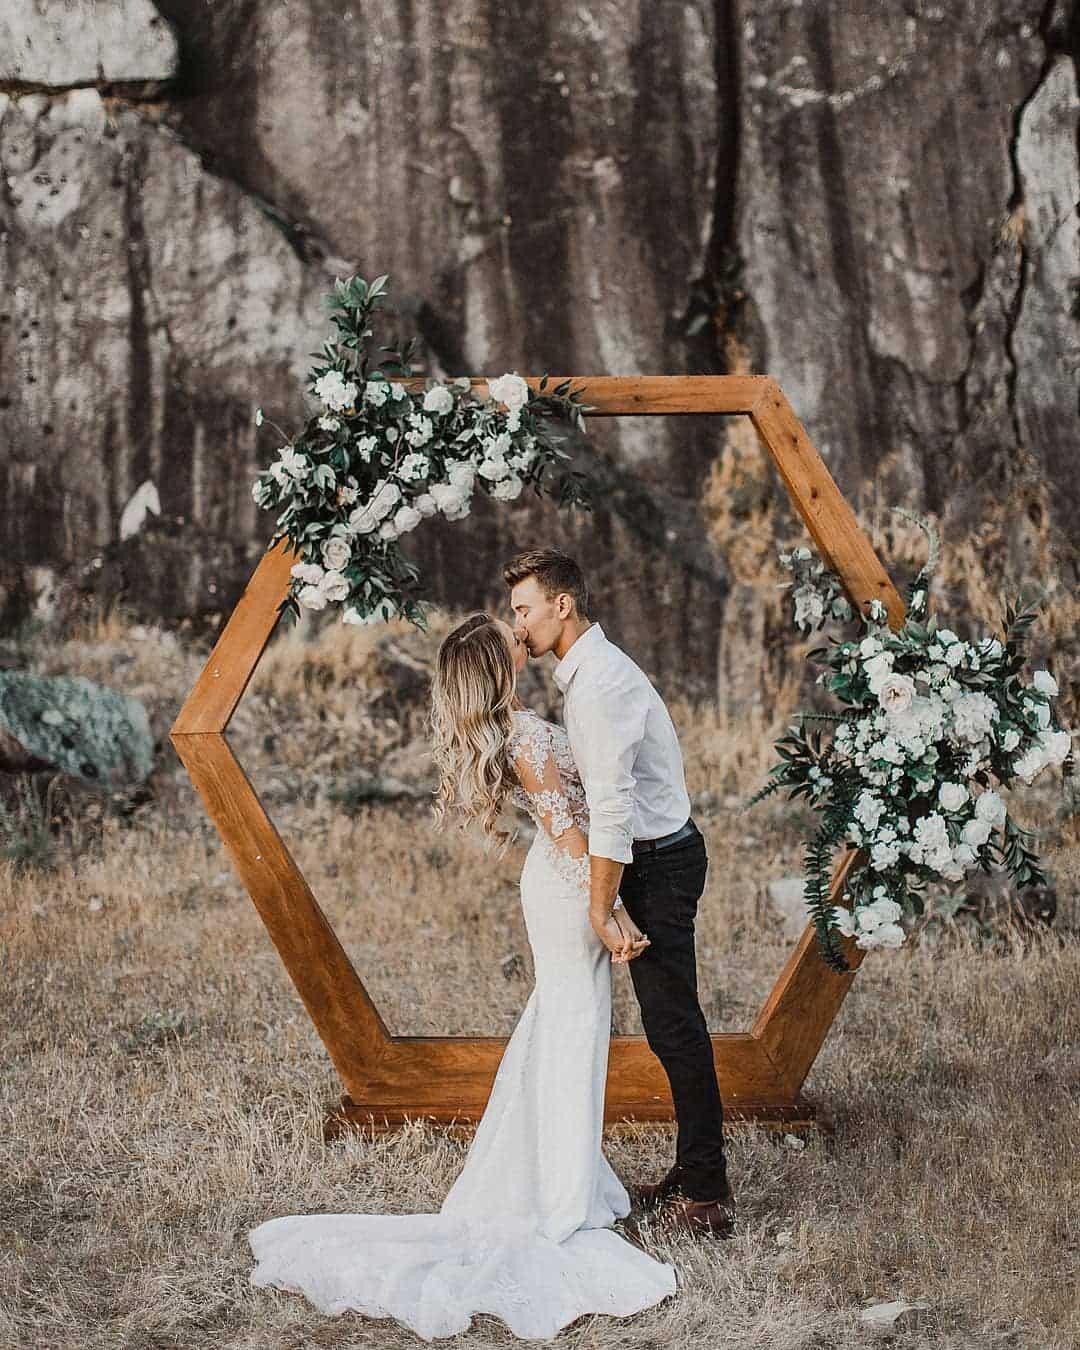 Wedding Backdrop with Couple